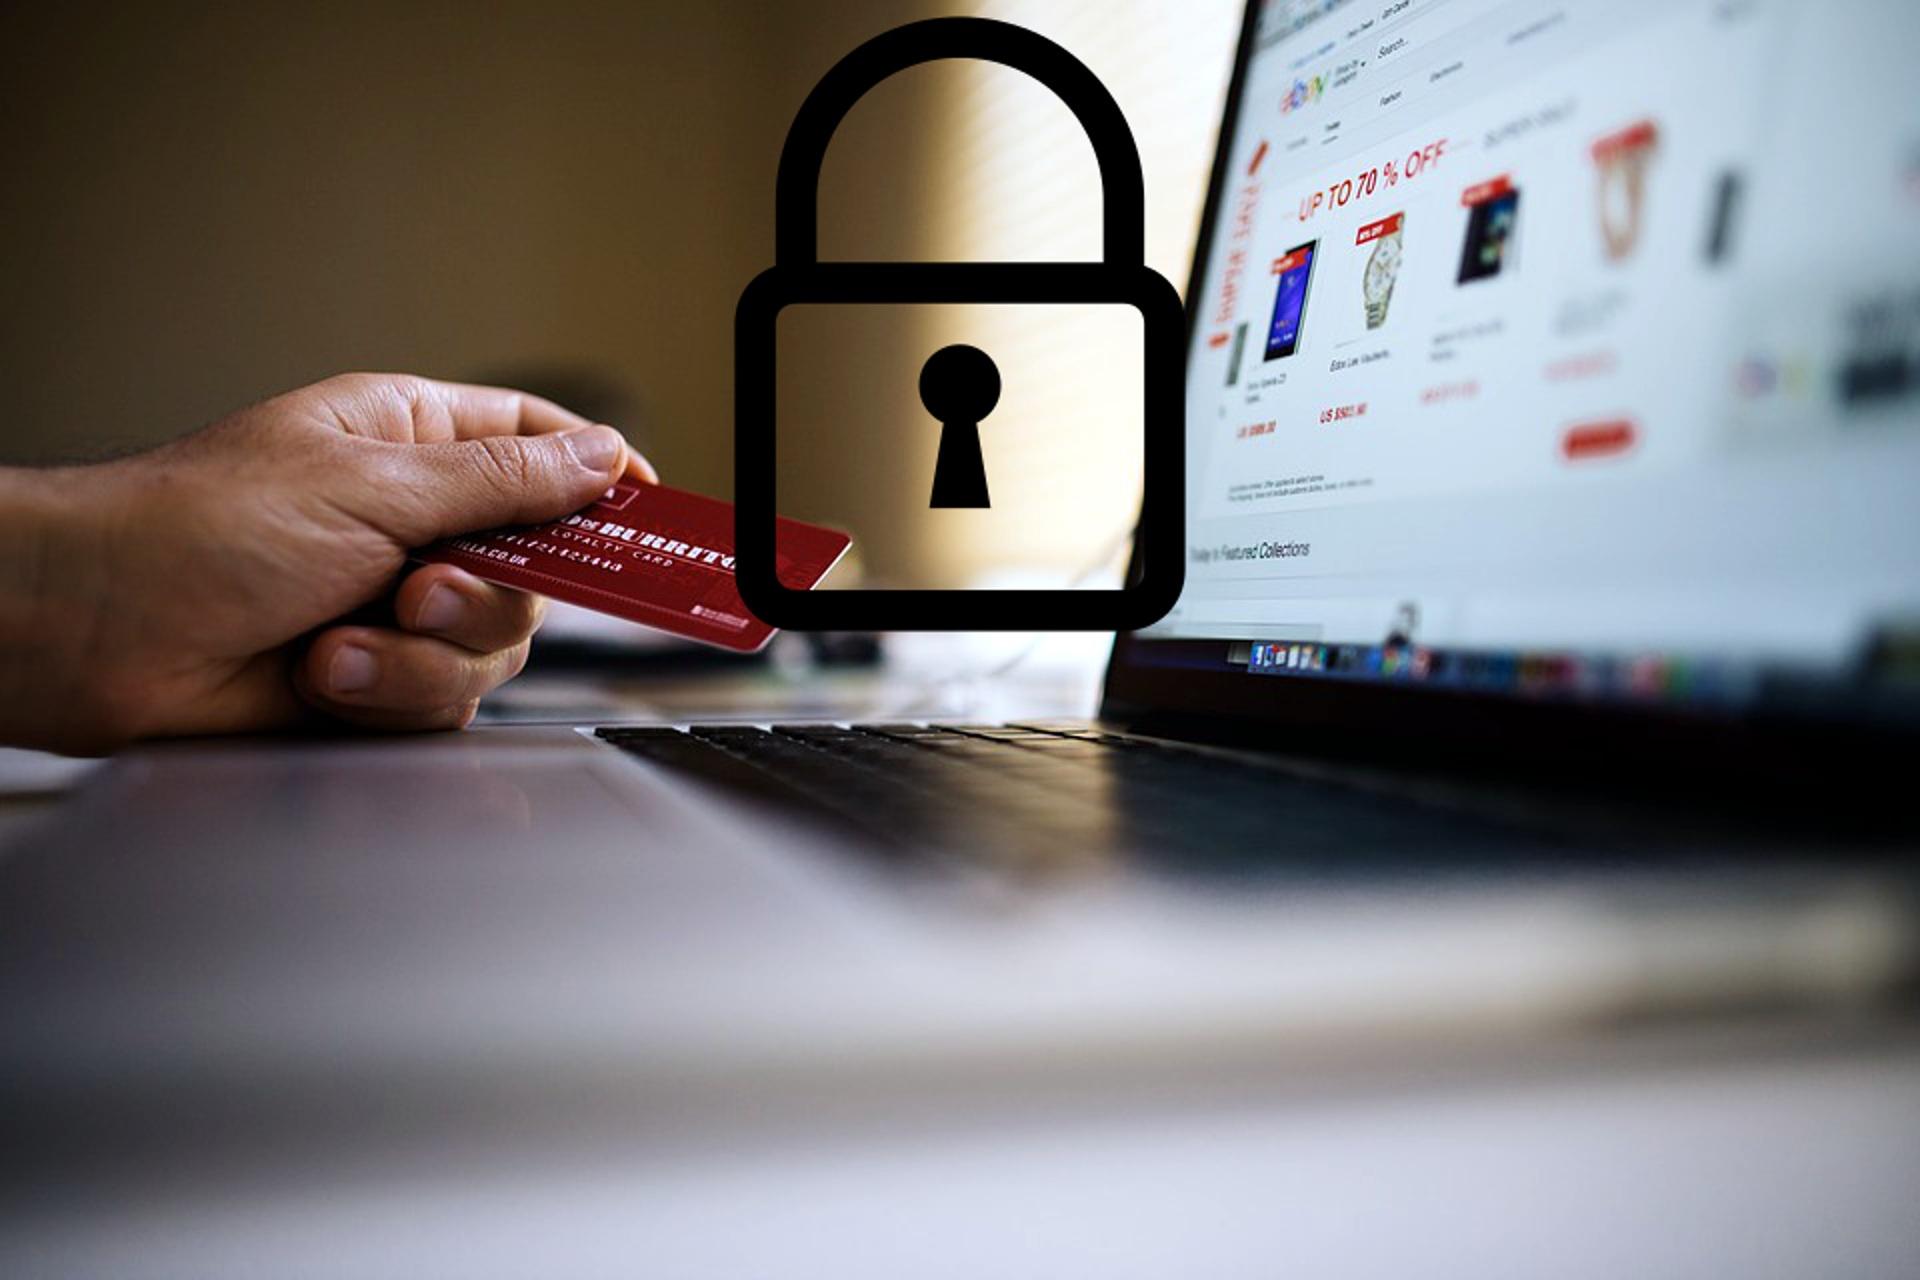 Hai attivato l'HTTPS sul tuo sito?